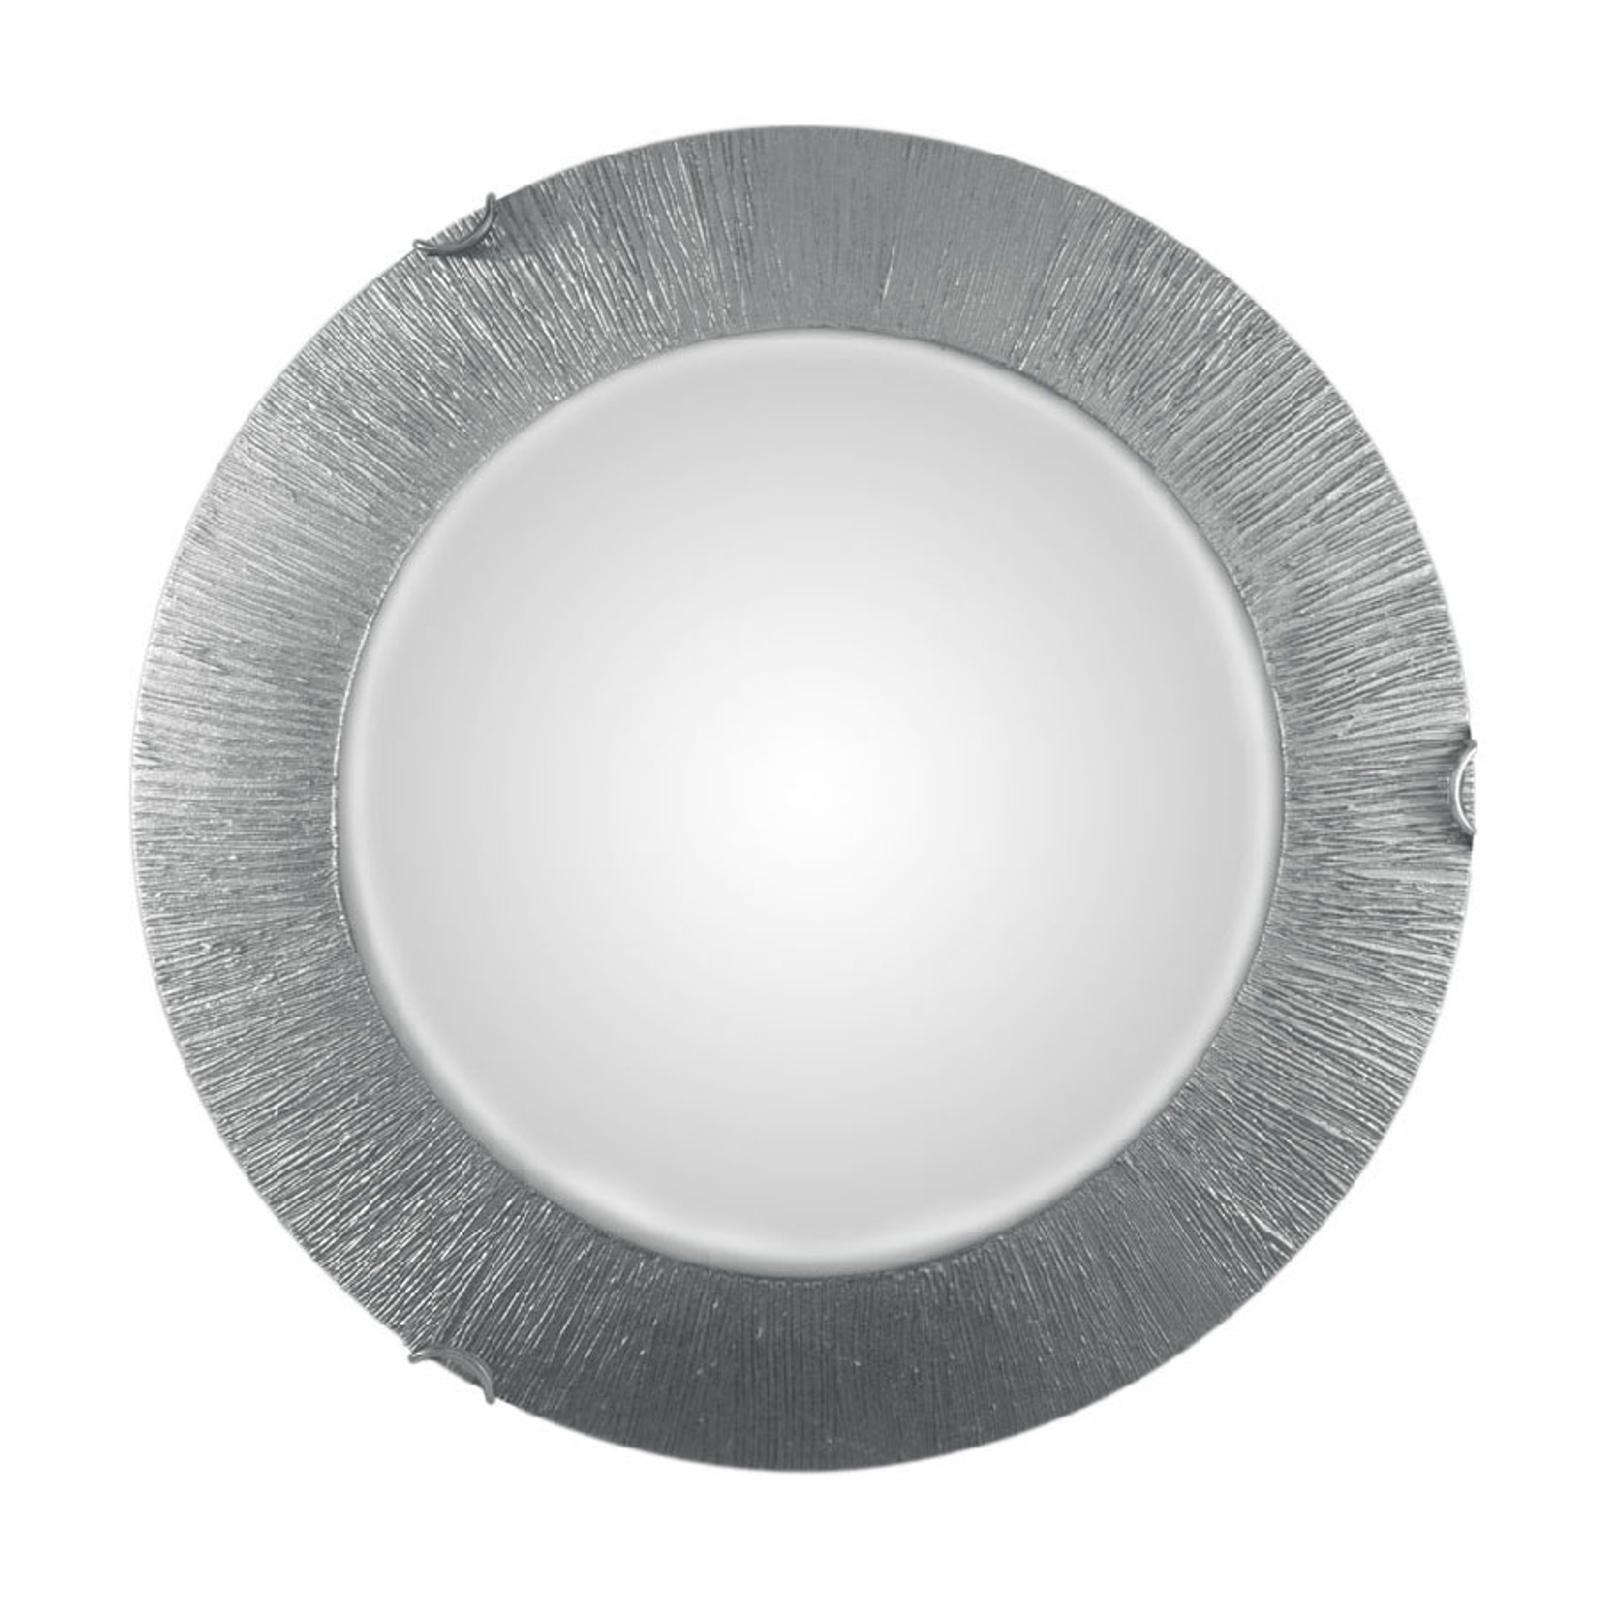 Lampa sufitowa Moon Sun, srebrna, Ø 40 cm